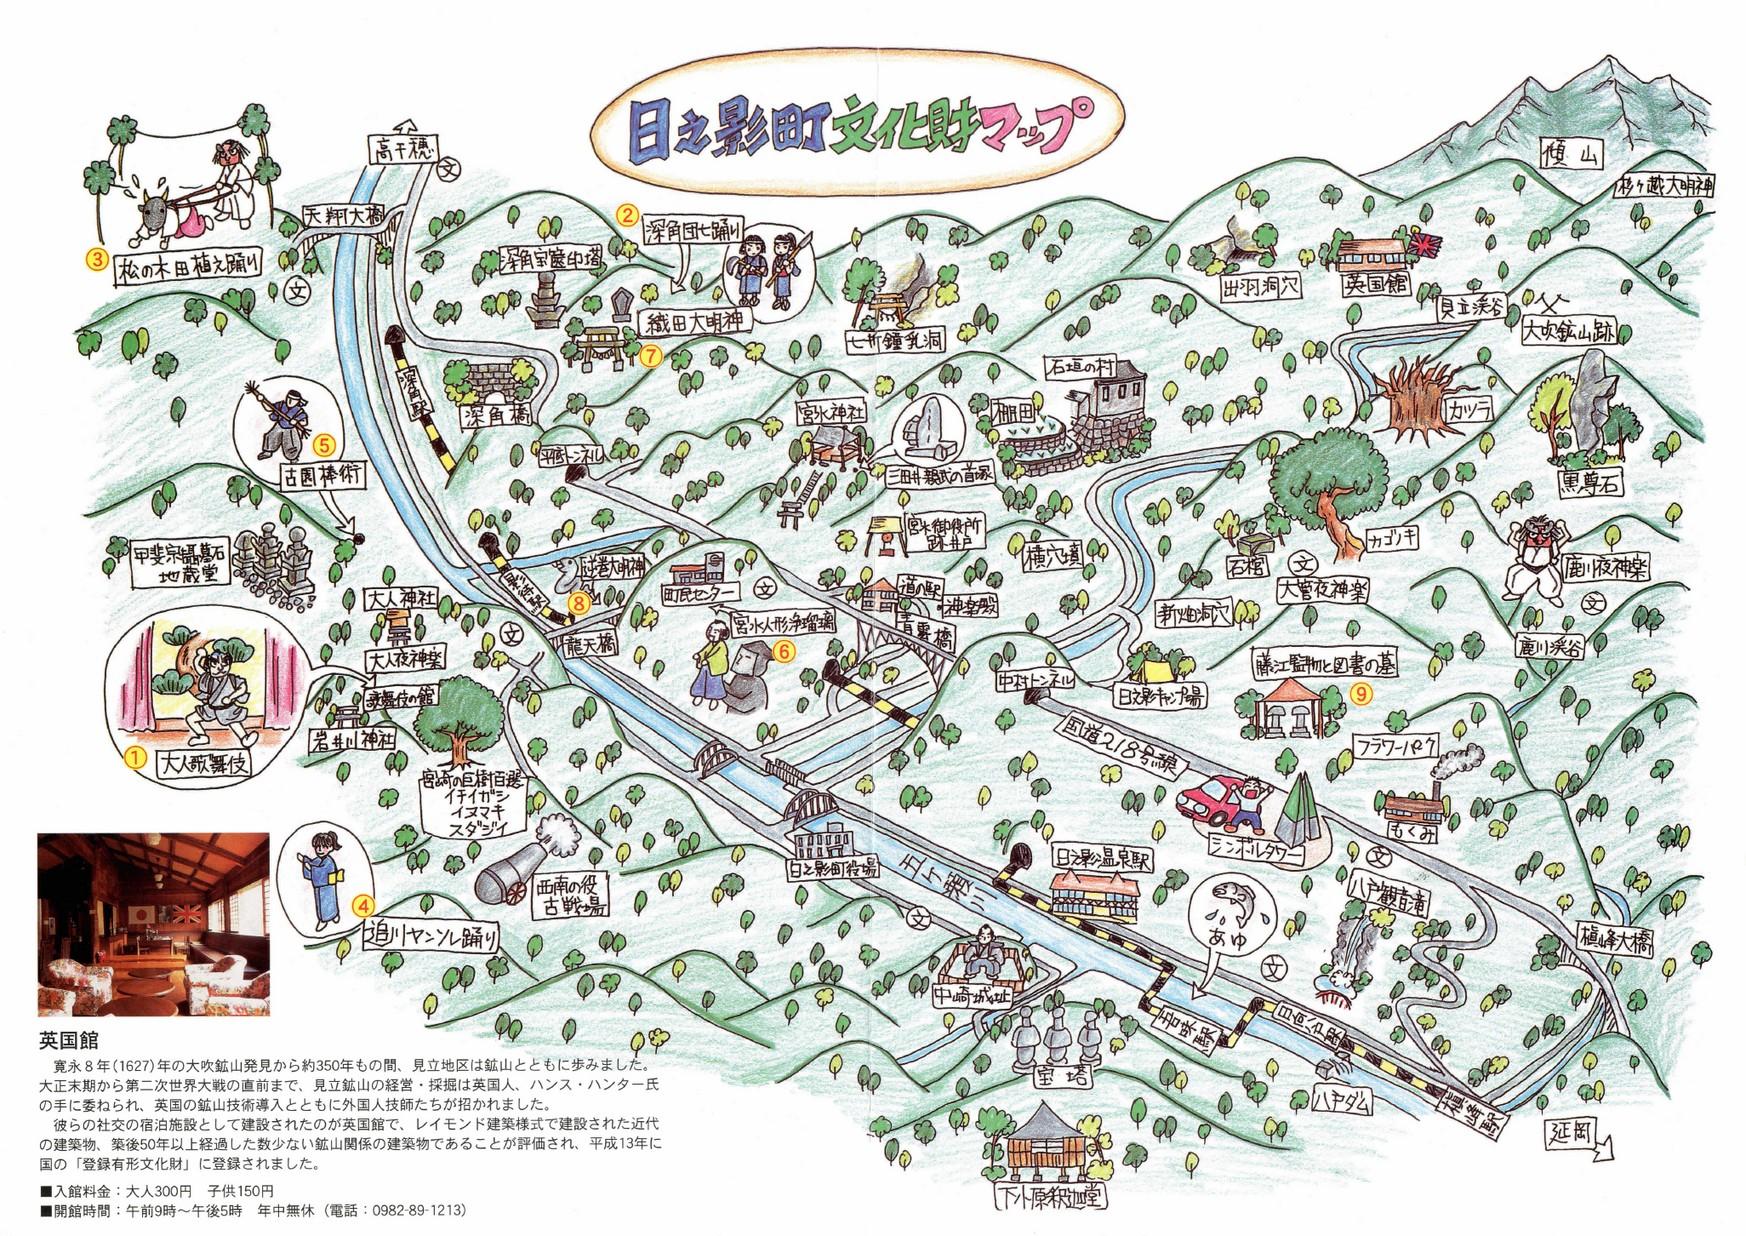 ������������� ��������� miyazaki ebooks ���